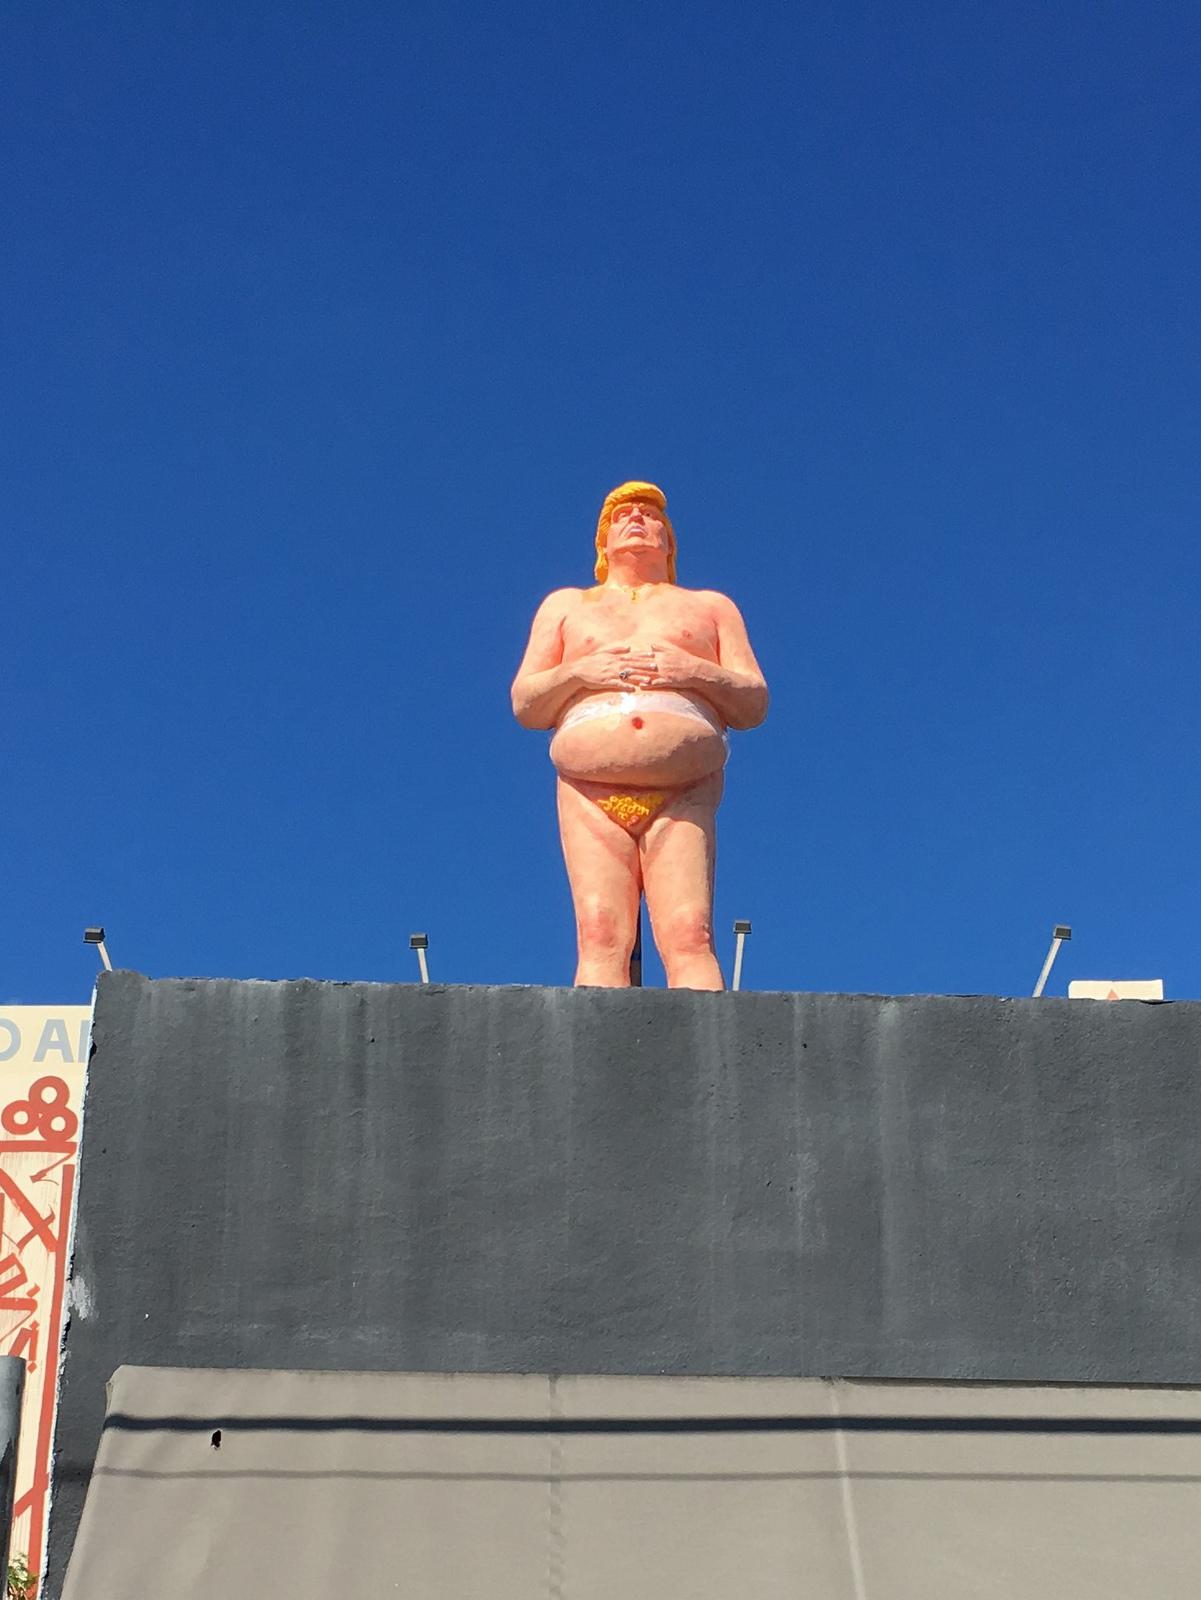 Trump naked